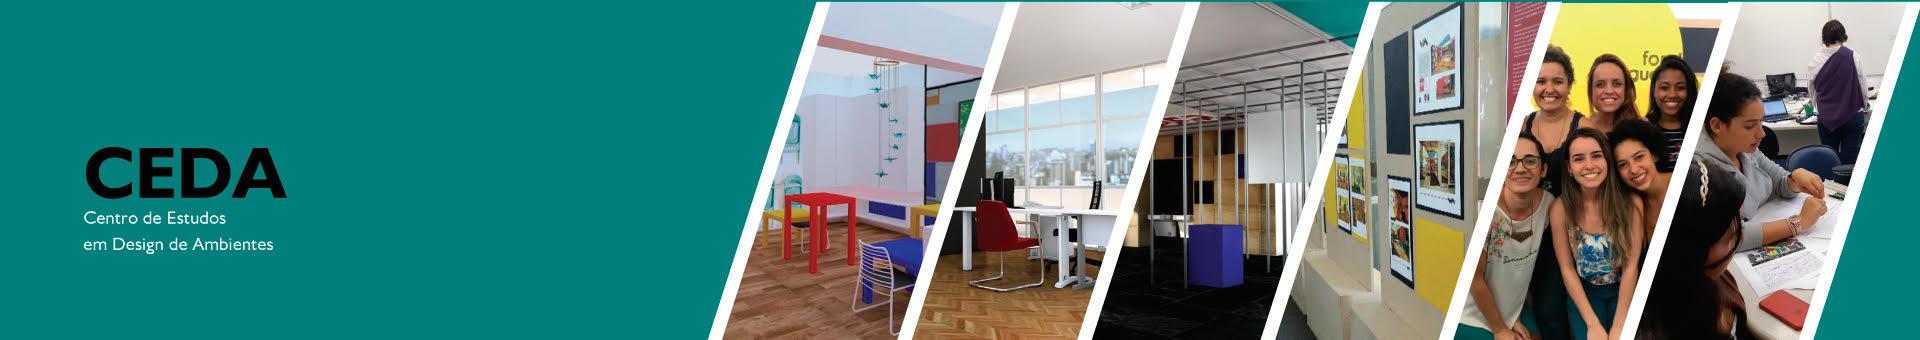 Centro de Estudos em Design de Ambientes (CEDA)